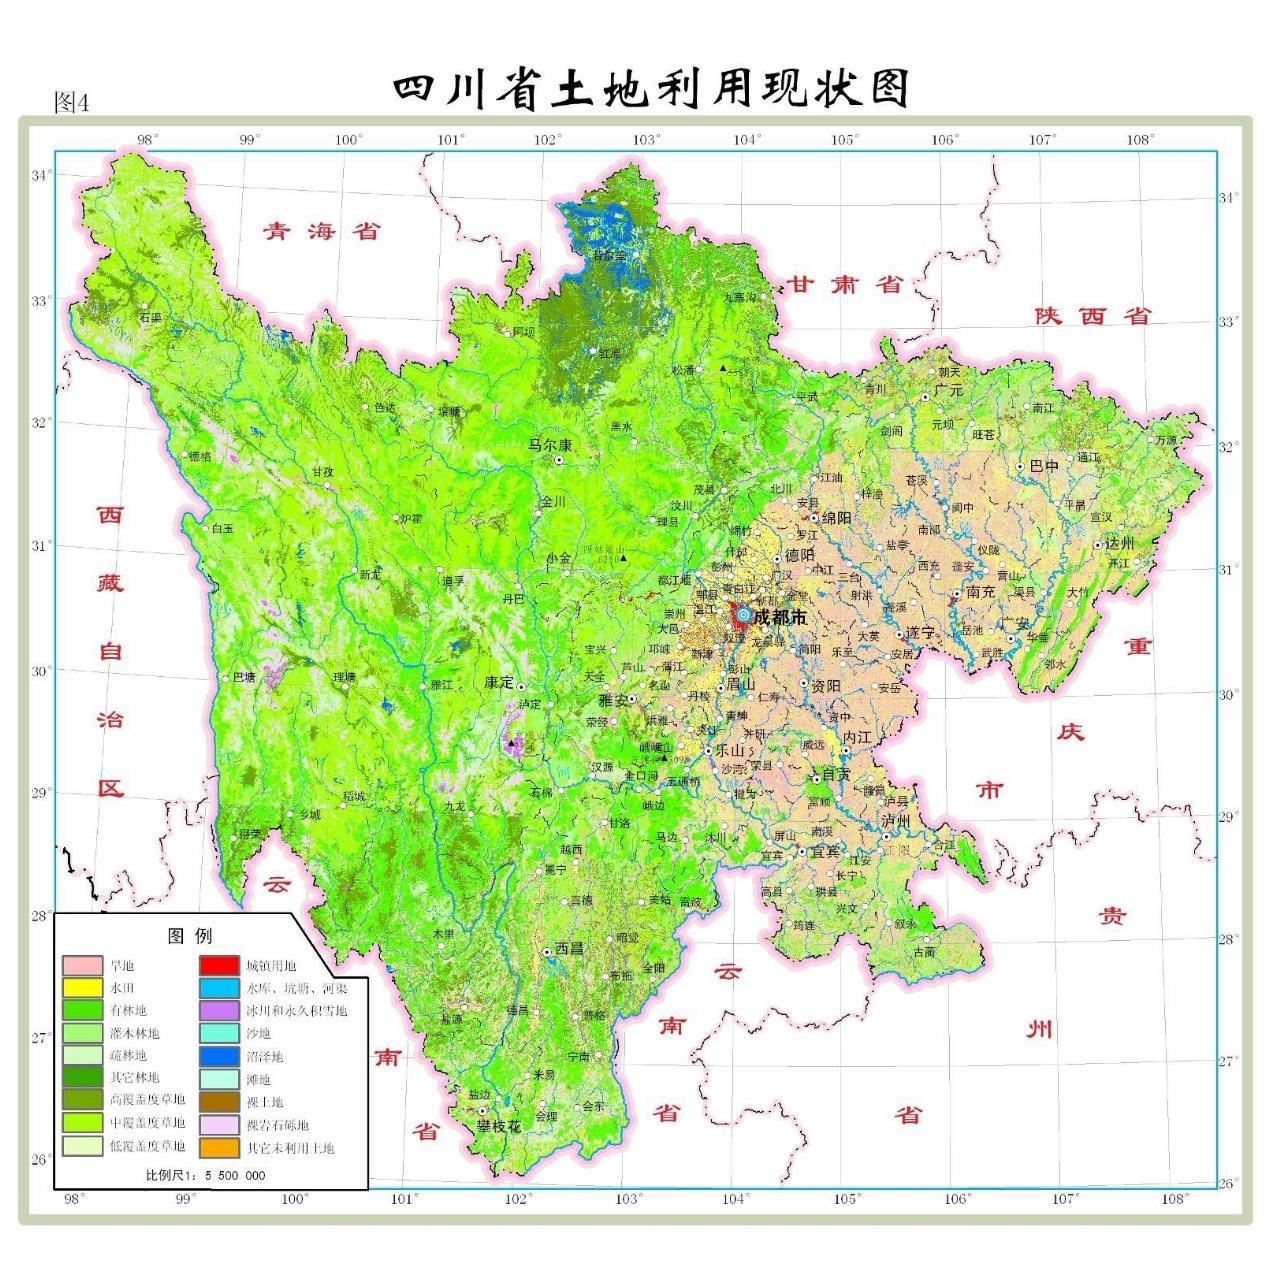 武汉市土地利用现状分析